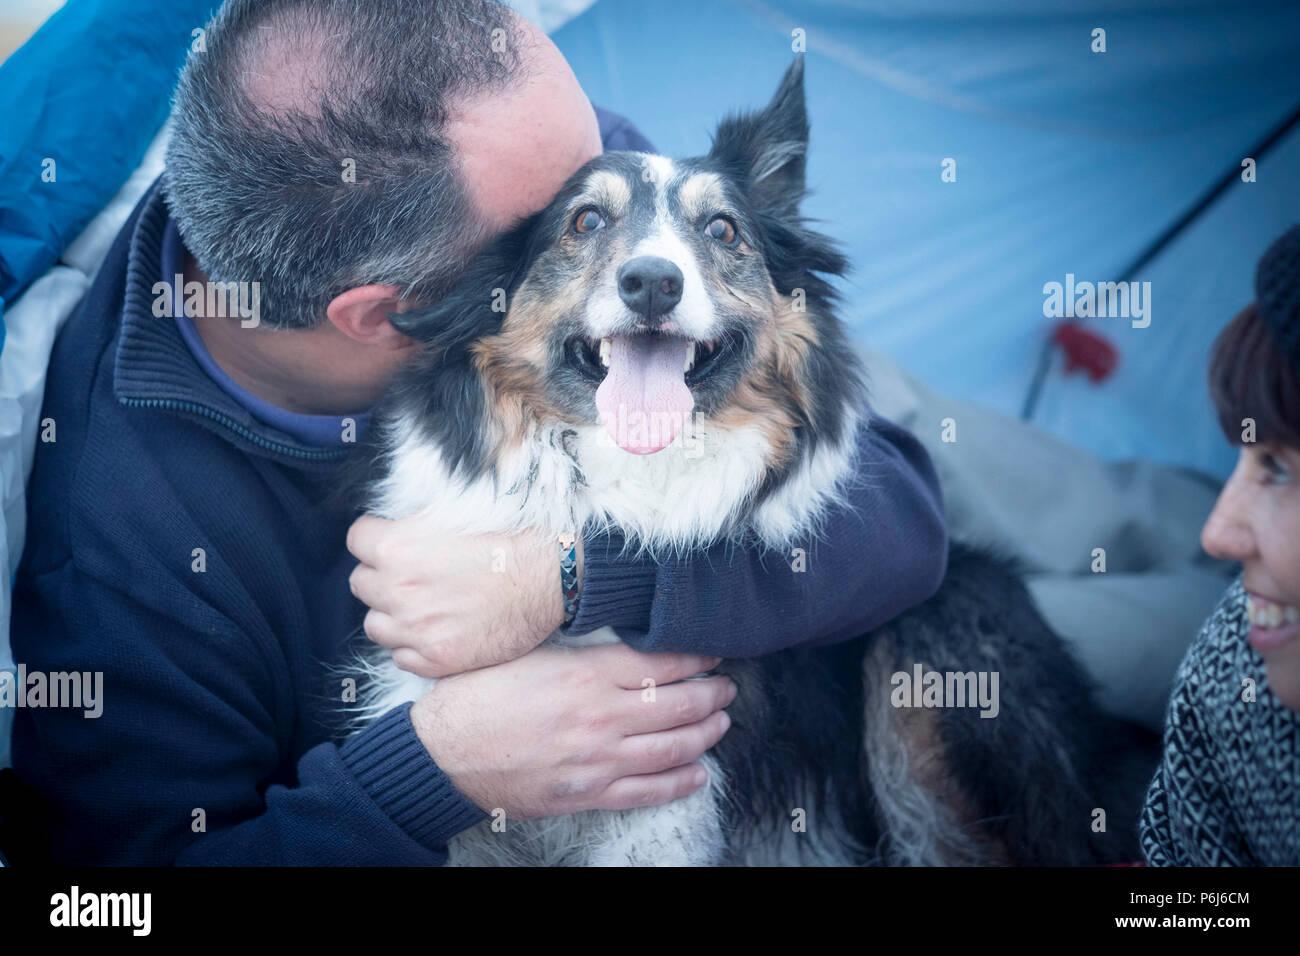 Beau Beau chien border collie vraiment heureux et joyeux de son propriétaire - concept caucasian middle age man. femme les regarder la variante c de la famille. Photo Stock